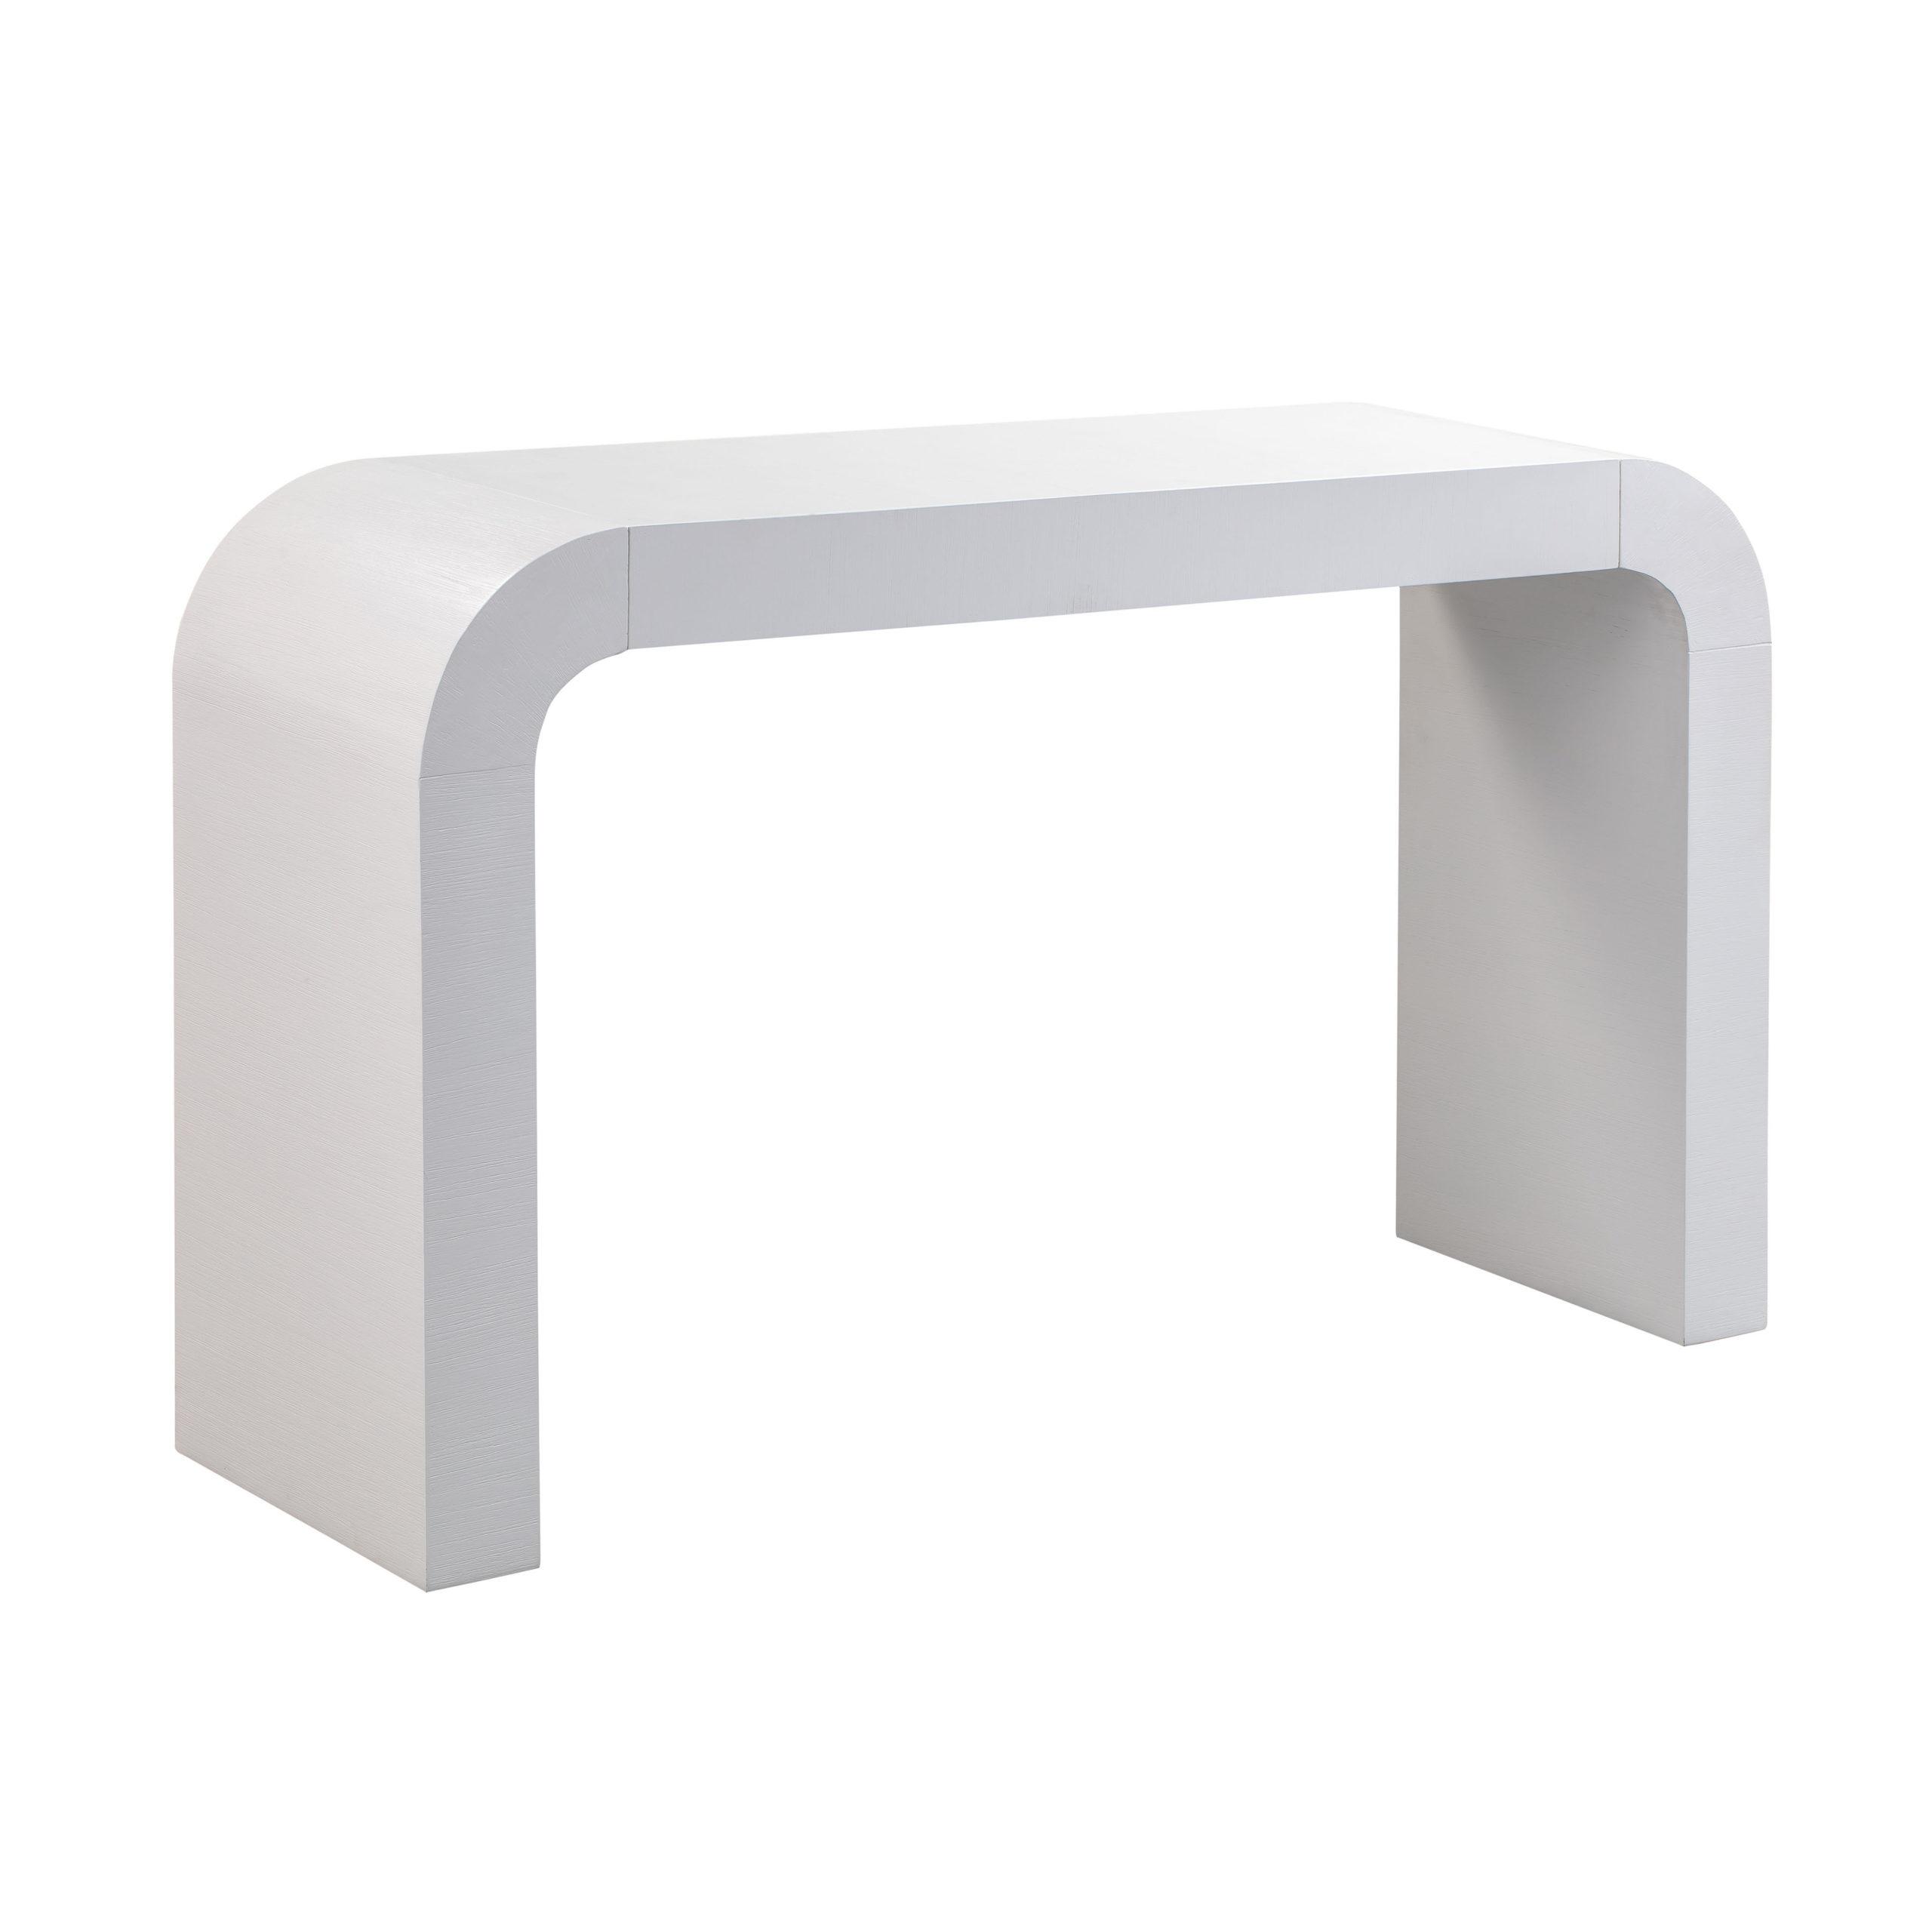 Dani Console Table